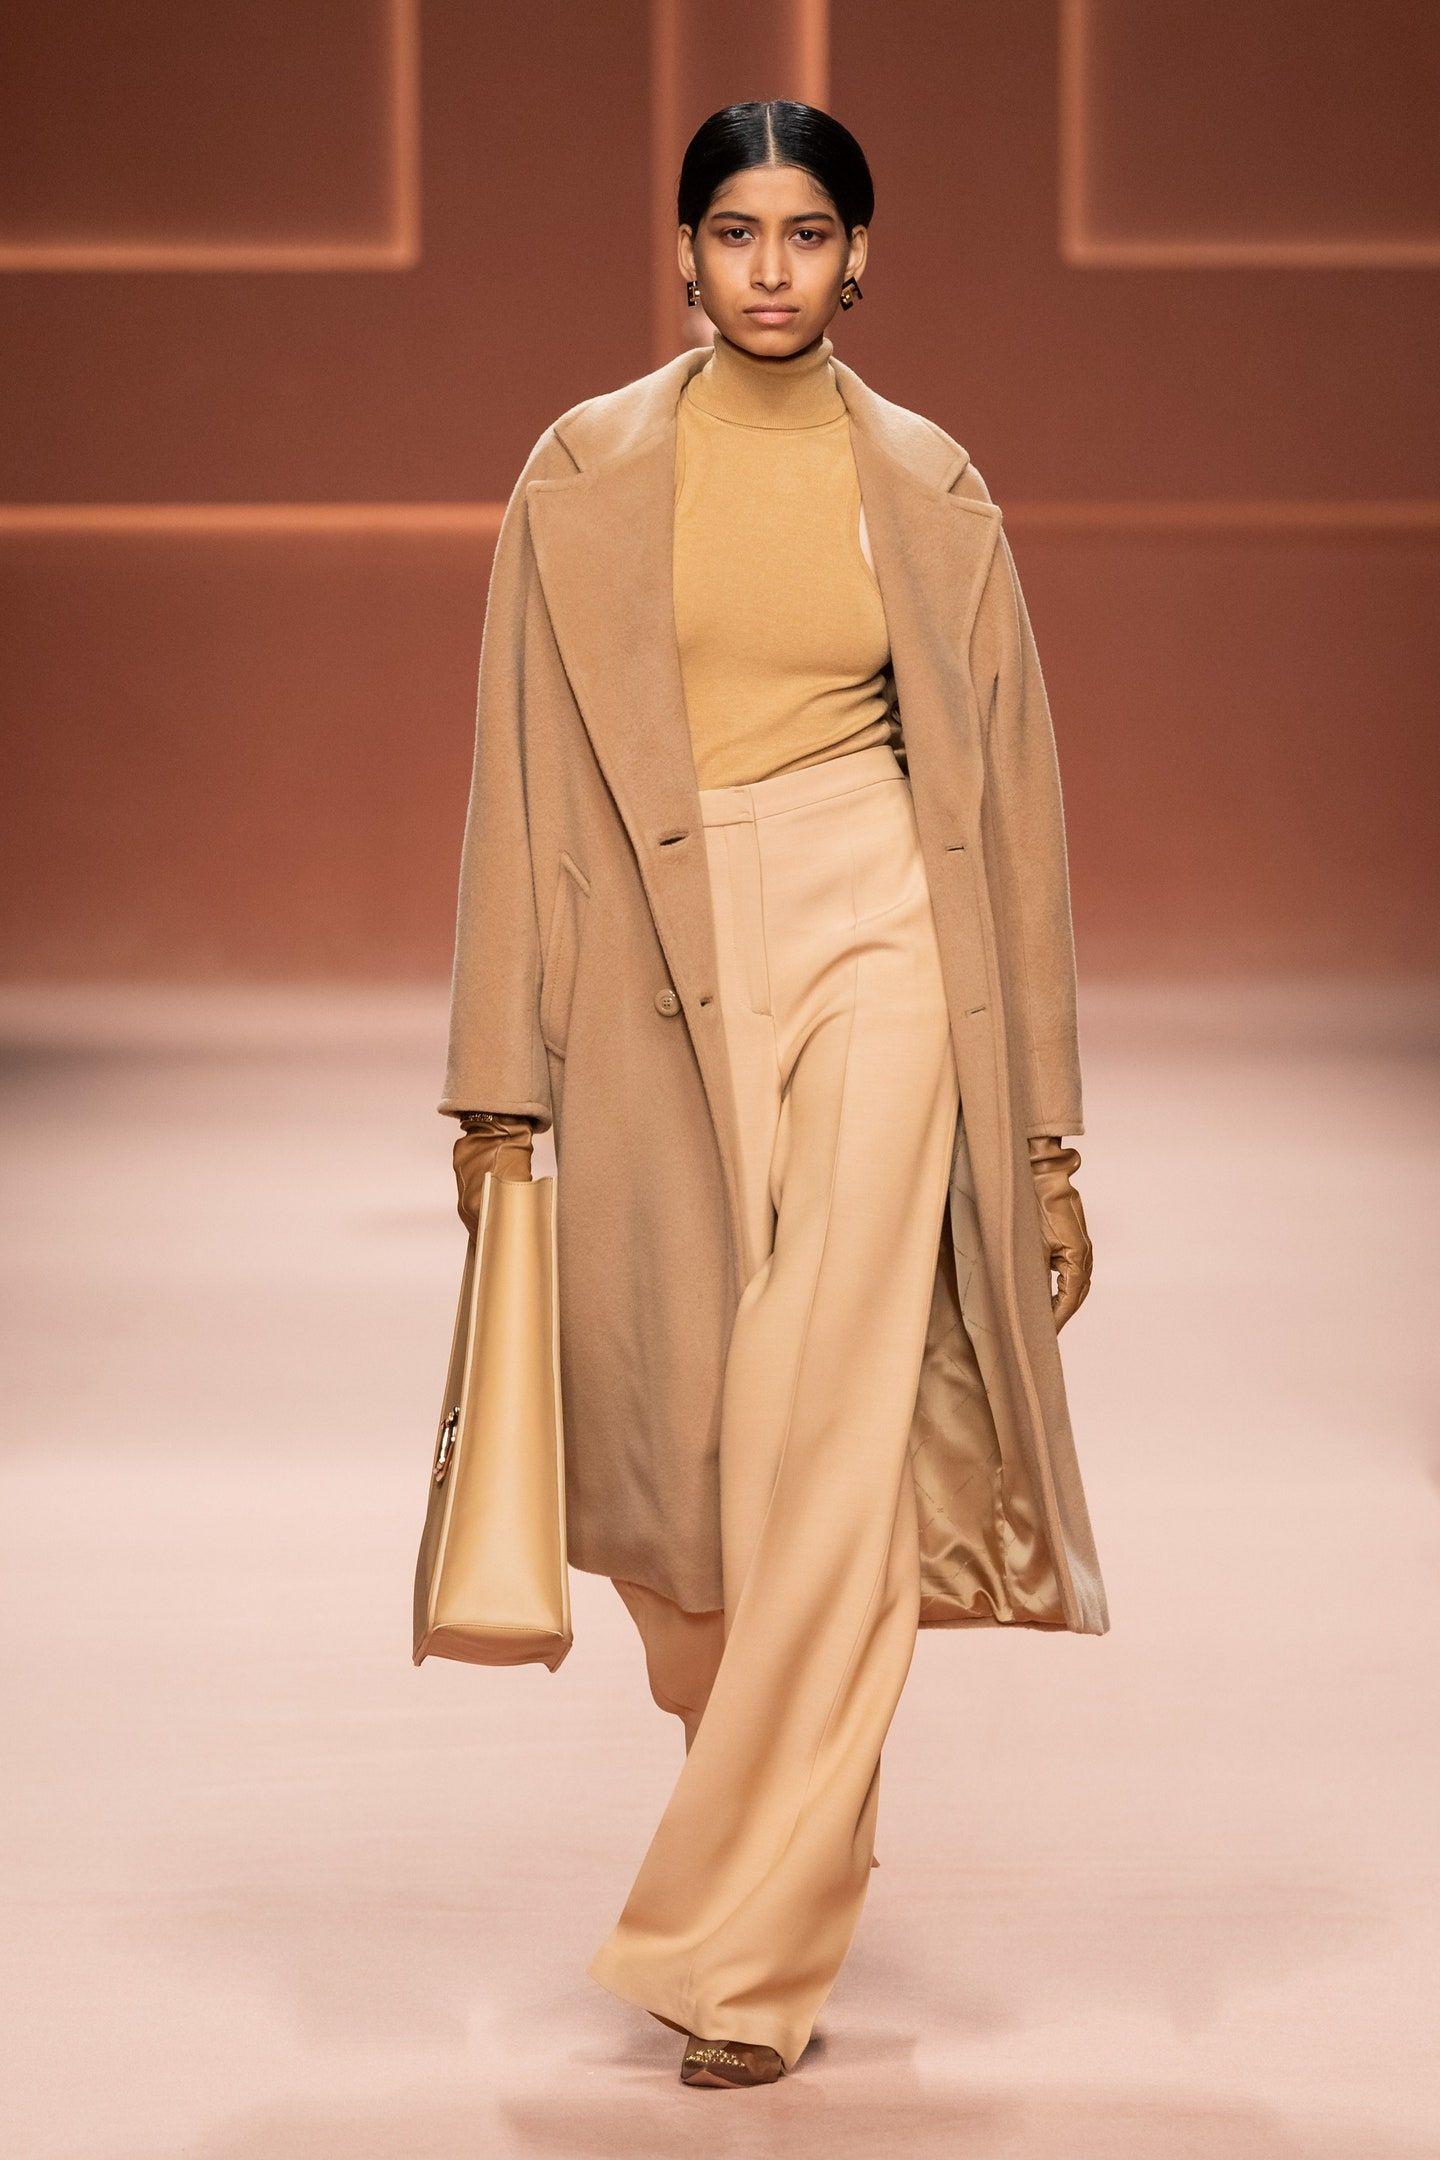 Elisabetta Franchi Herbst/Winter 2020-2021 Ready-to-Wear ...